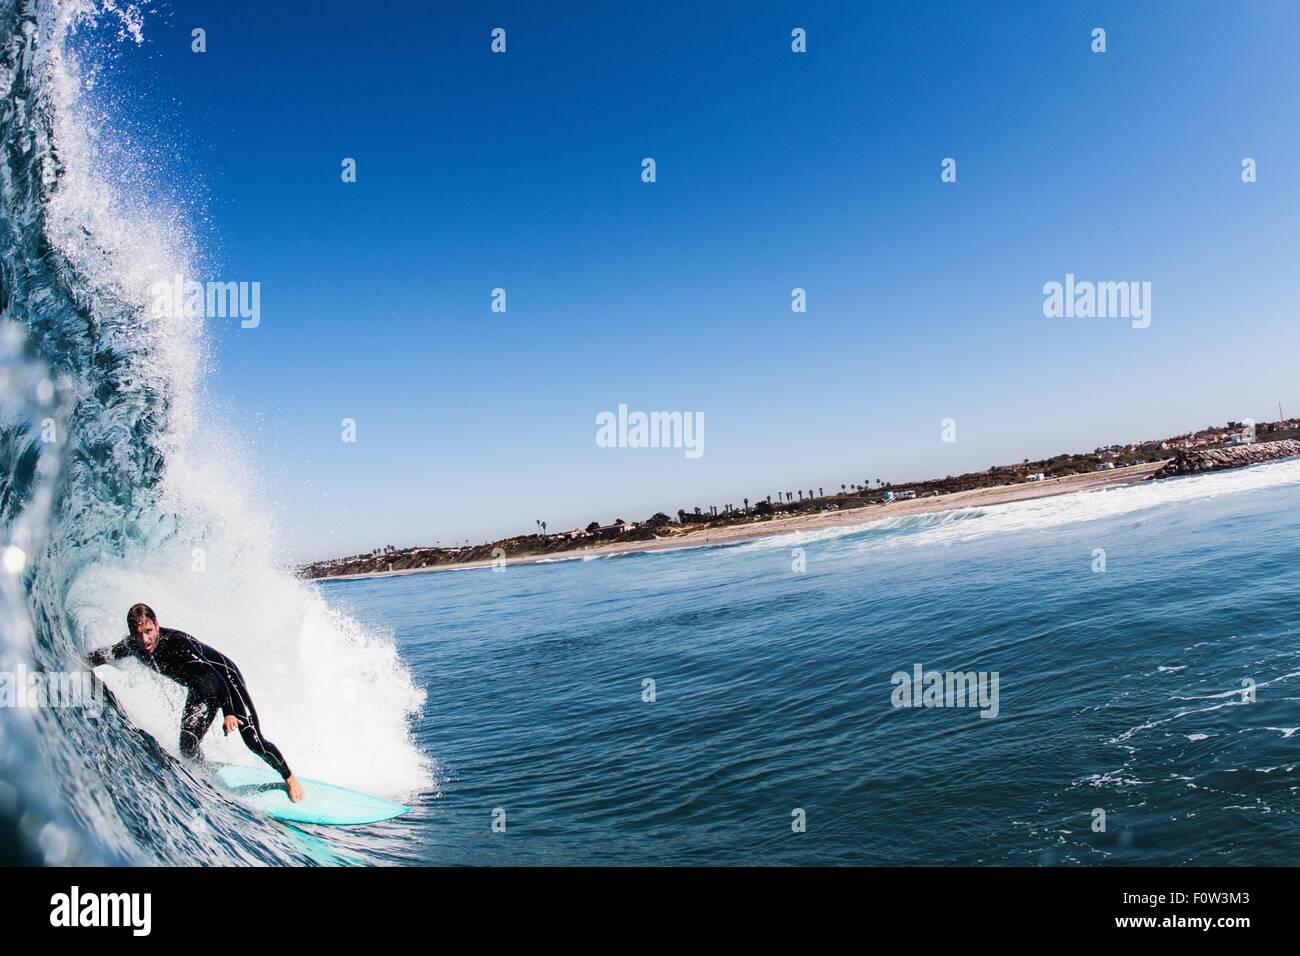 Nahaufnahme der Ozeanwelle und Mitte erwachsenen Mannes Surfen, Carlsbad, Kalifornien, USA Stockbild